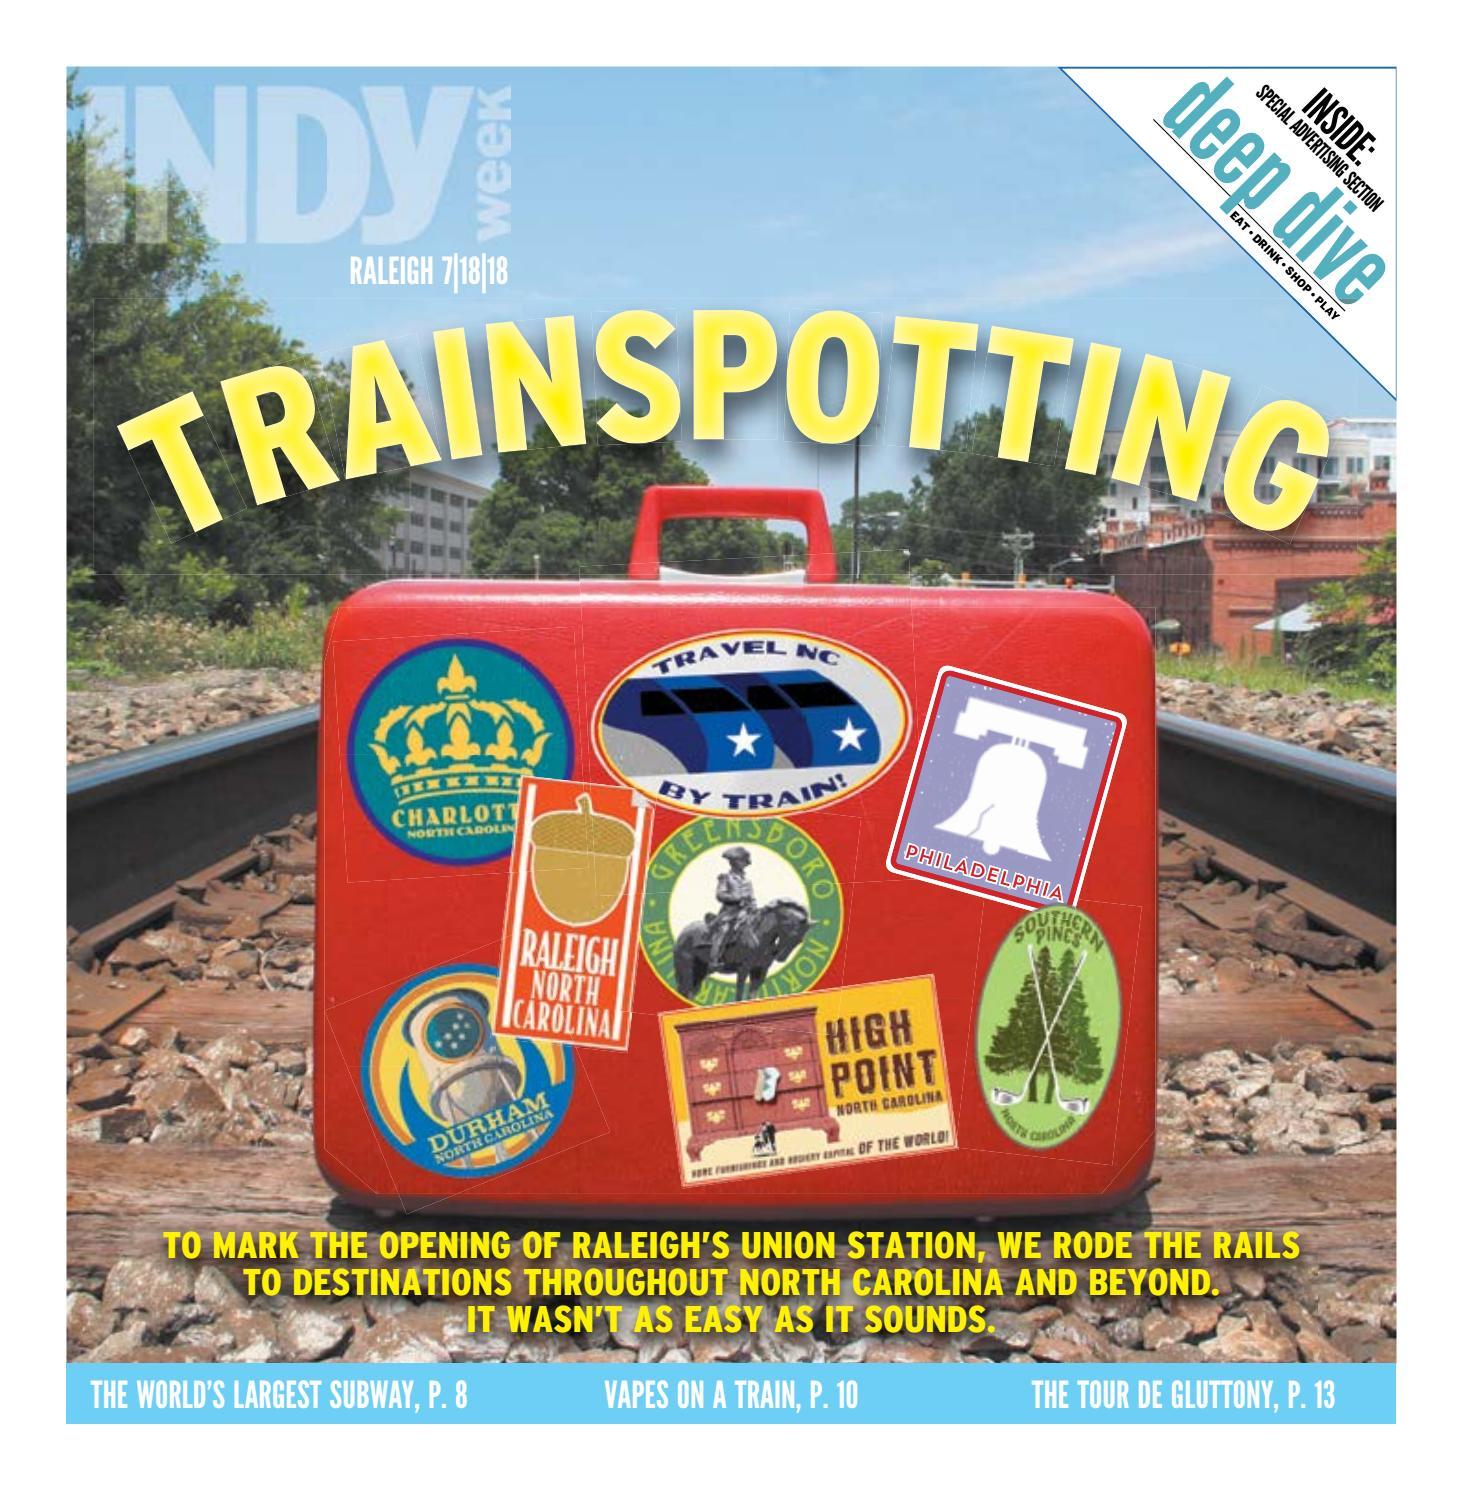 INDY Week 7 18 18 by Indy Week - issuu